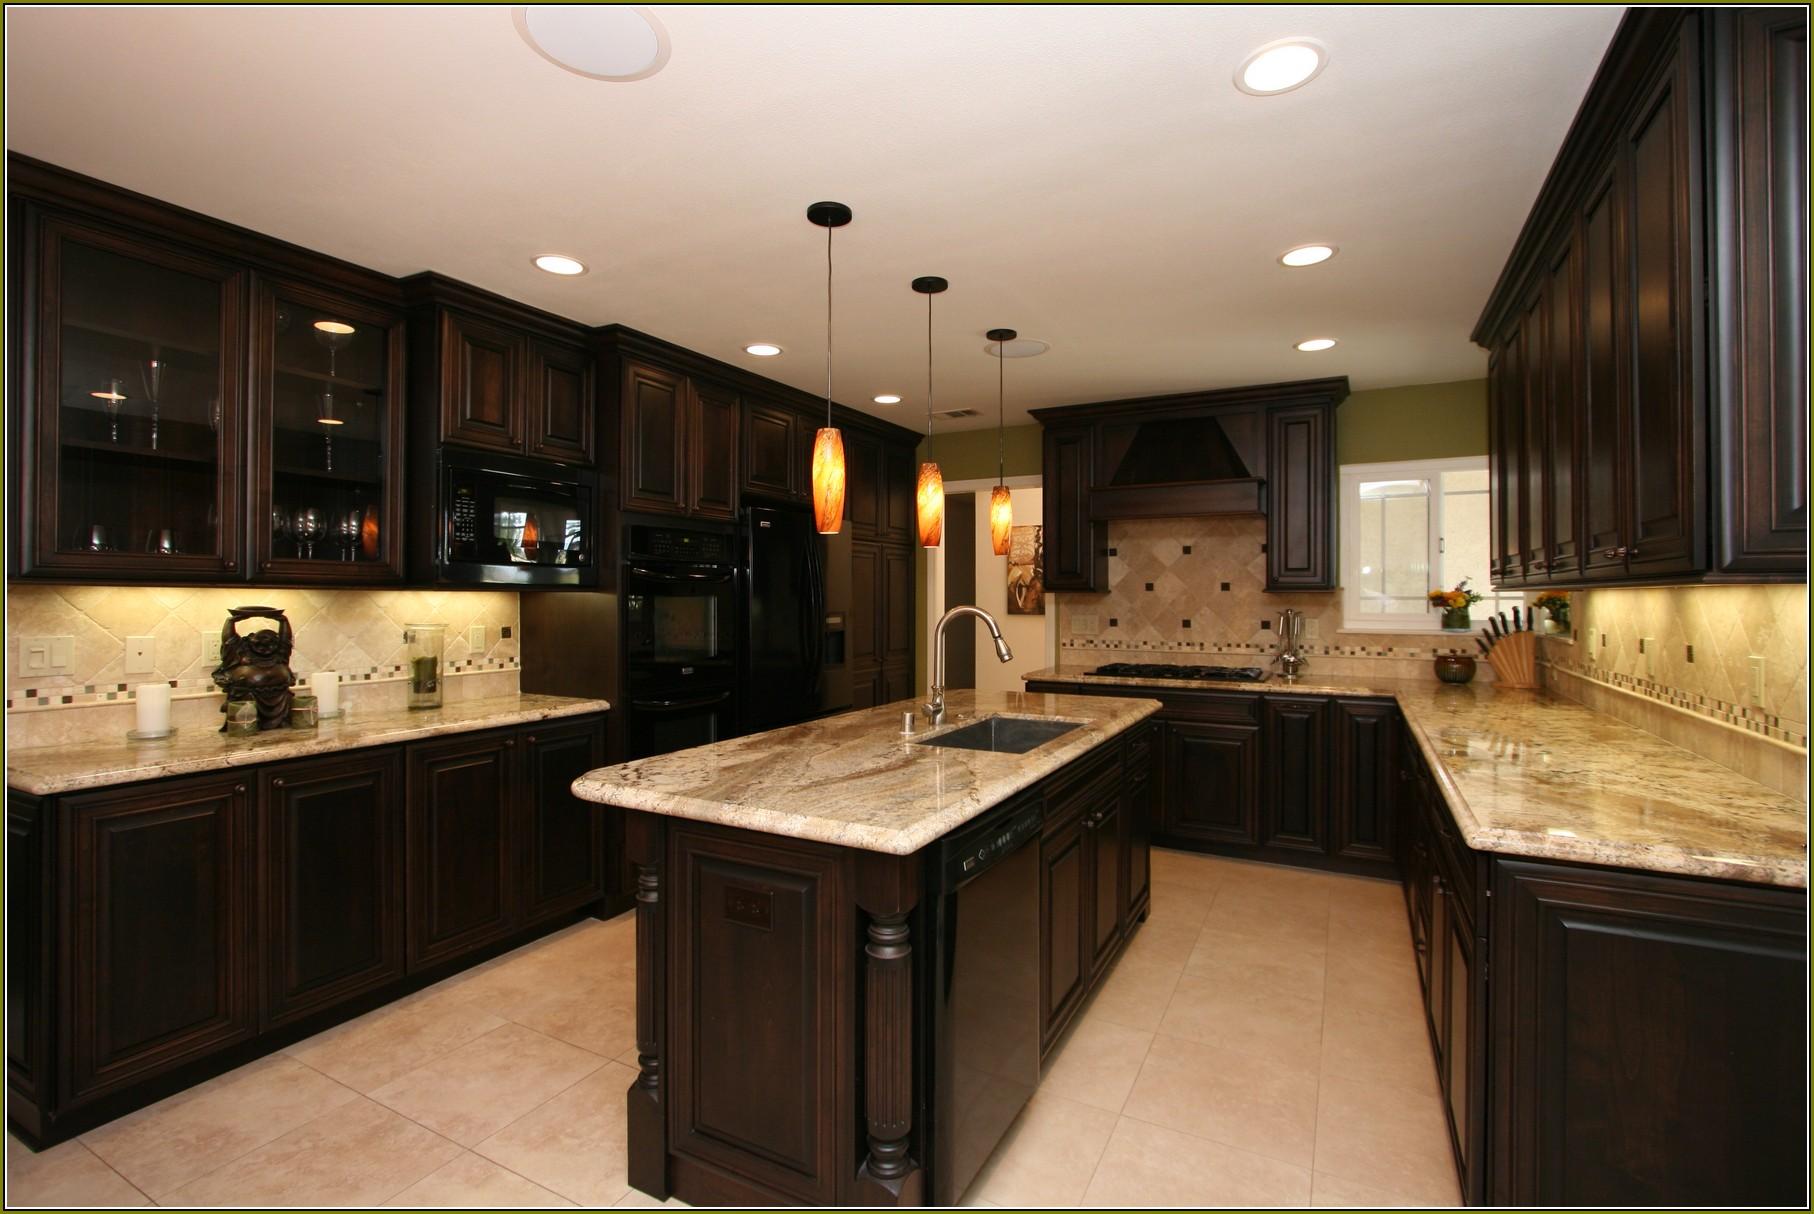 armoires-de-cuisine-en-cerisier-avec-granit noir